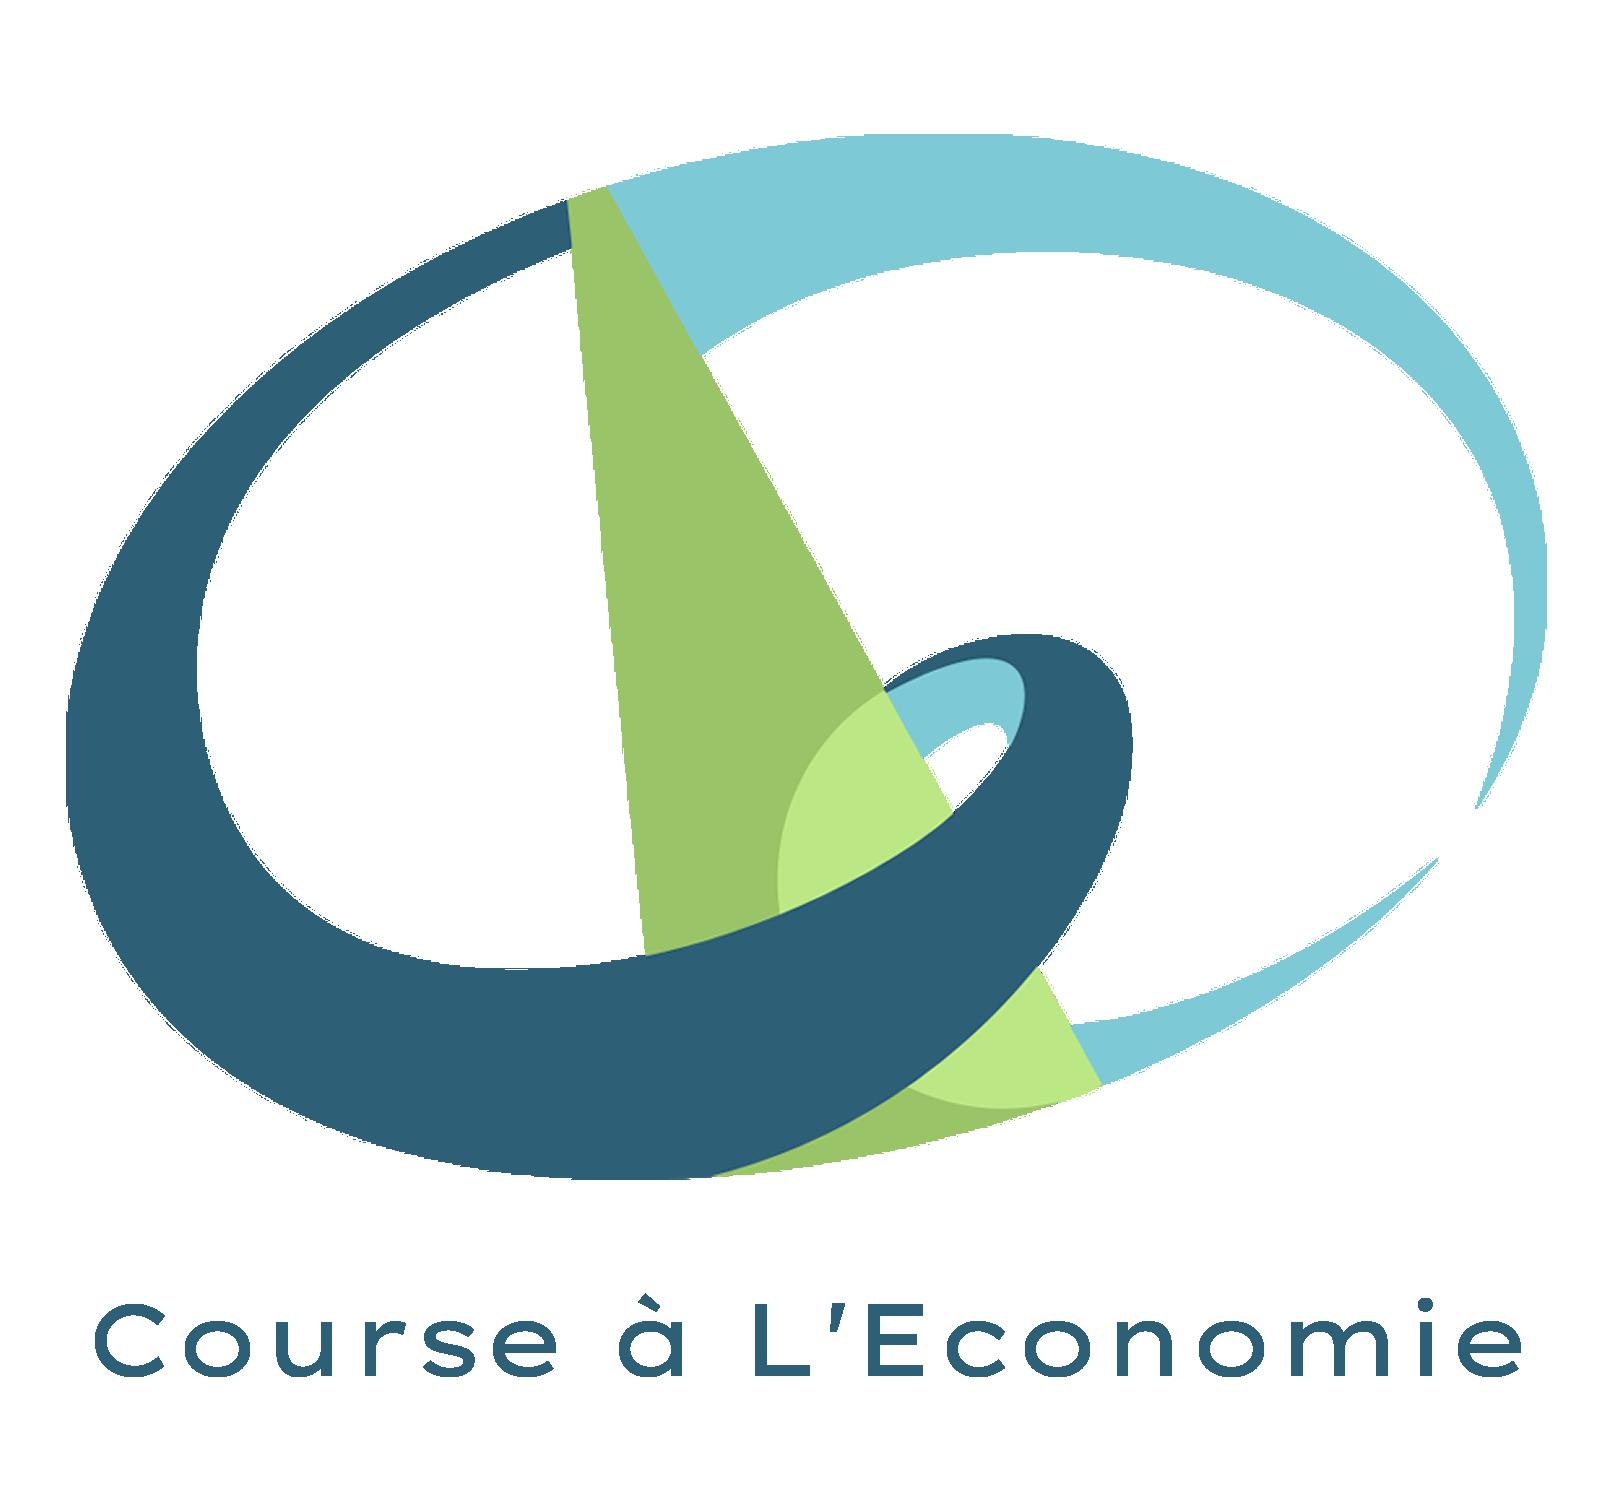 Course à l'Economie